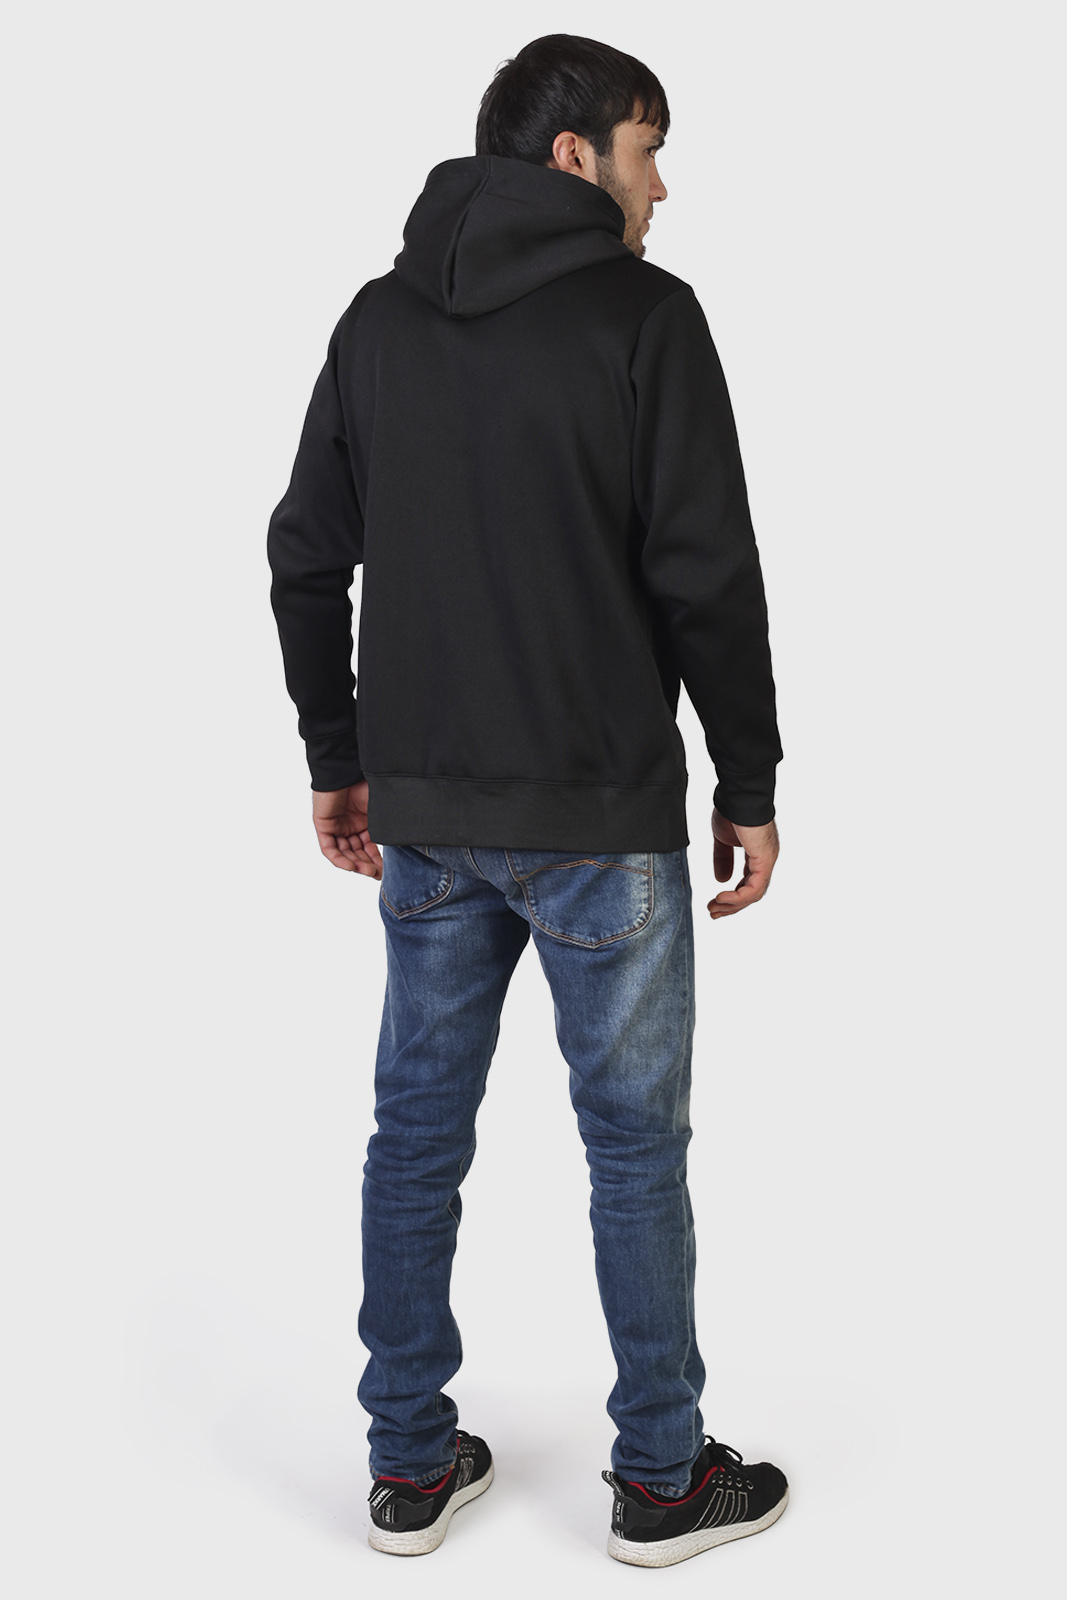 Мужская толстовка с капюшоном Морская пехота, Спутник